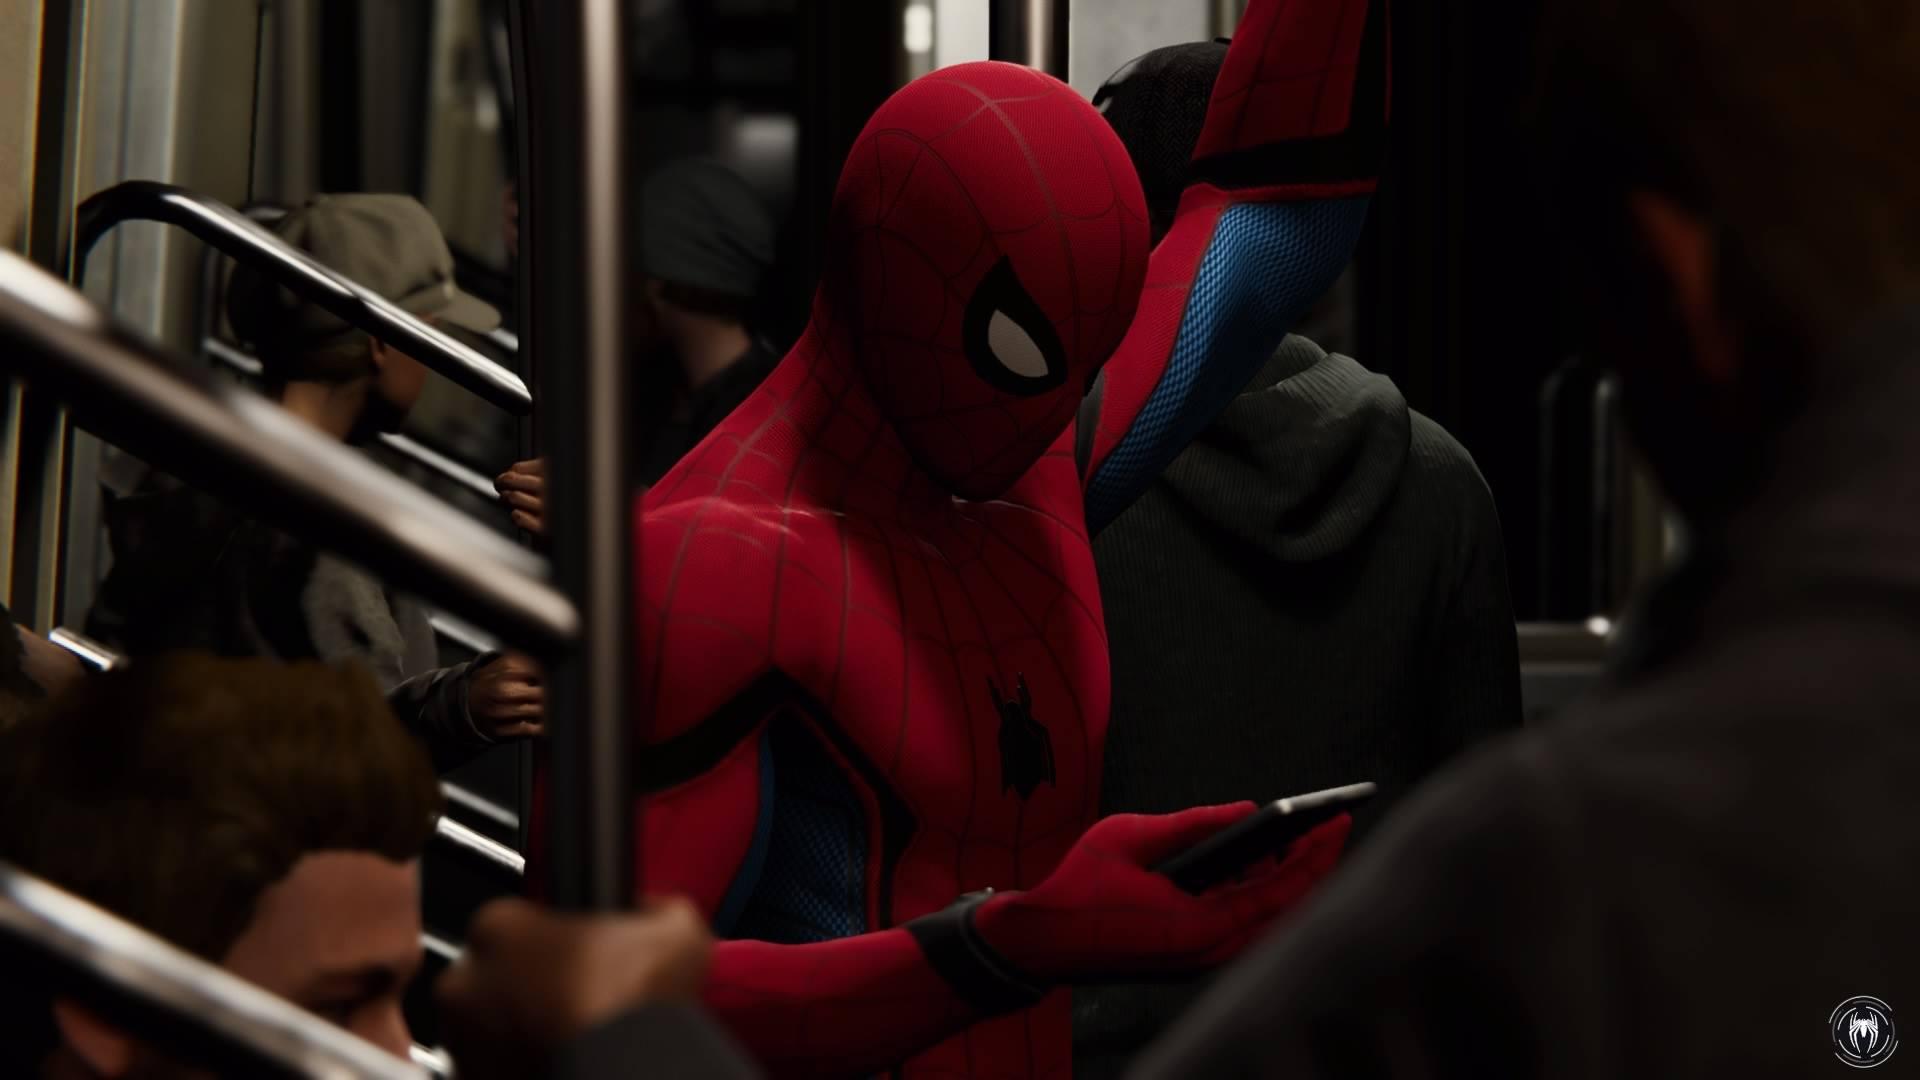 52789783_534321880426408_4940690310121390080_o.jpg - Marvel's Spider-Man